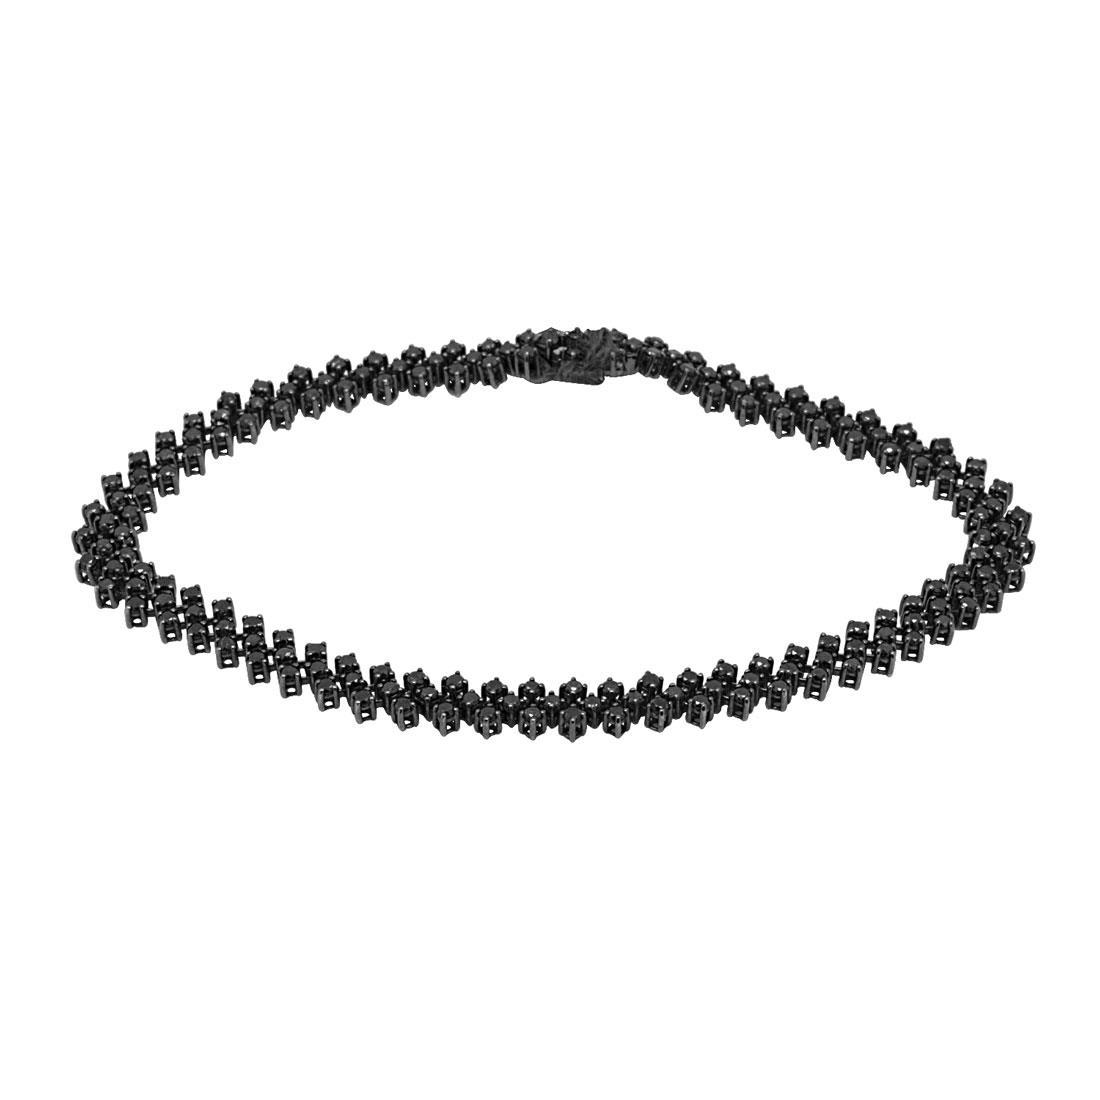 Bracciale tennis in oro con diamanti naturali neri trattati - ALFIERI & ST. JOHN